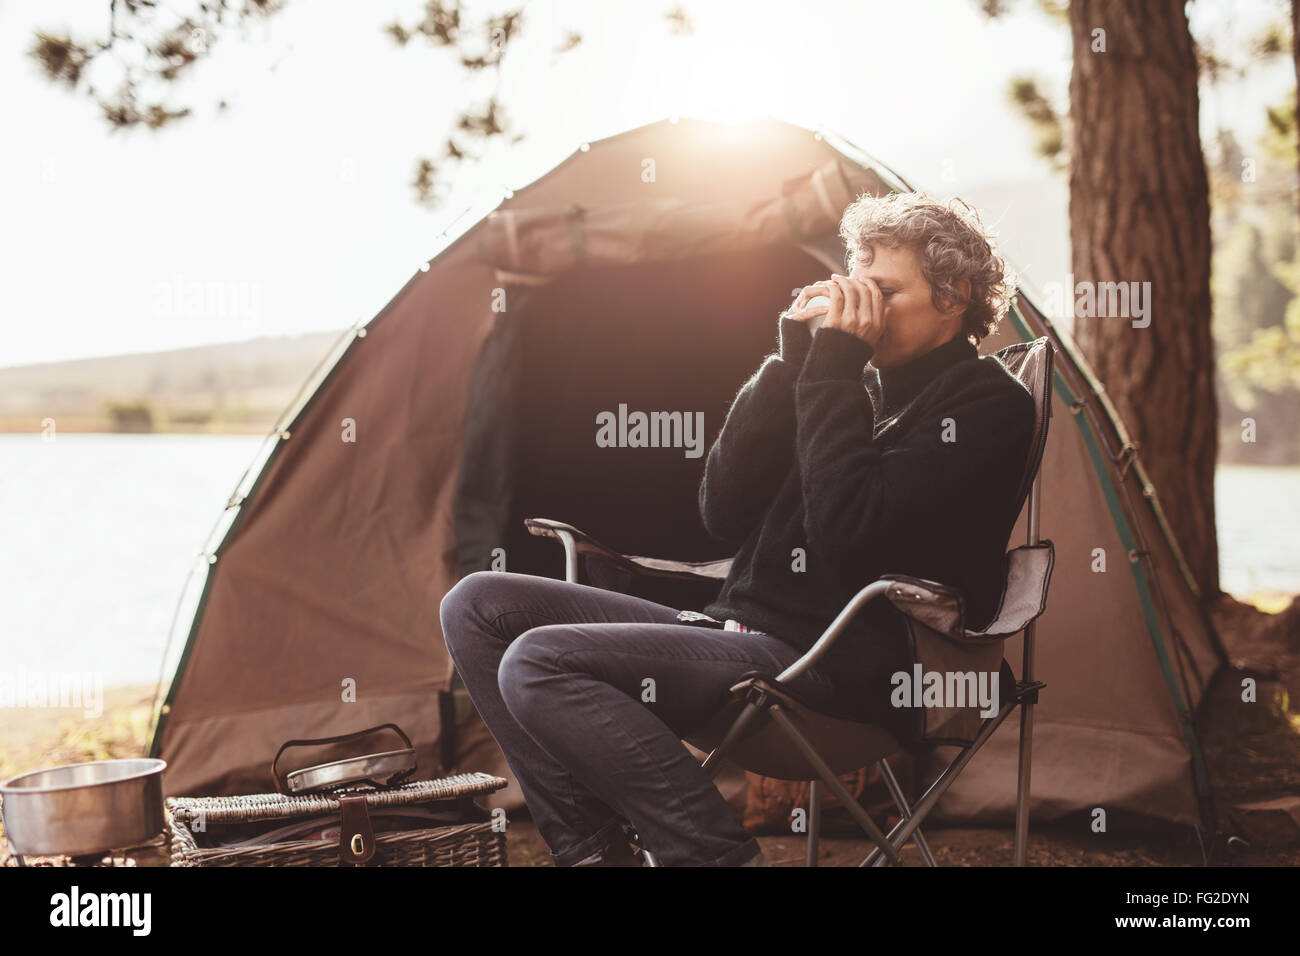 Porträt von Reife Frau sitzen auf Stuhl auf Campingplatz Kaffee trinken. Kaukasische Frau camping in der Natur Stockbild